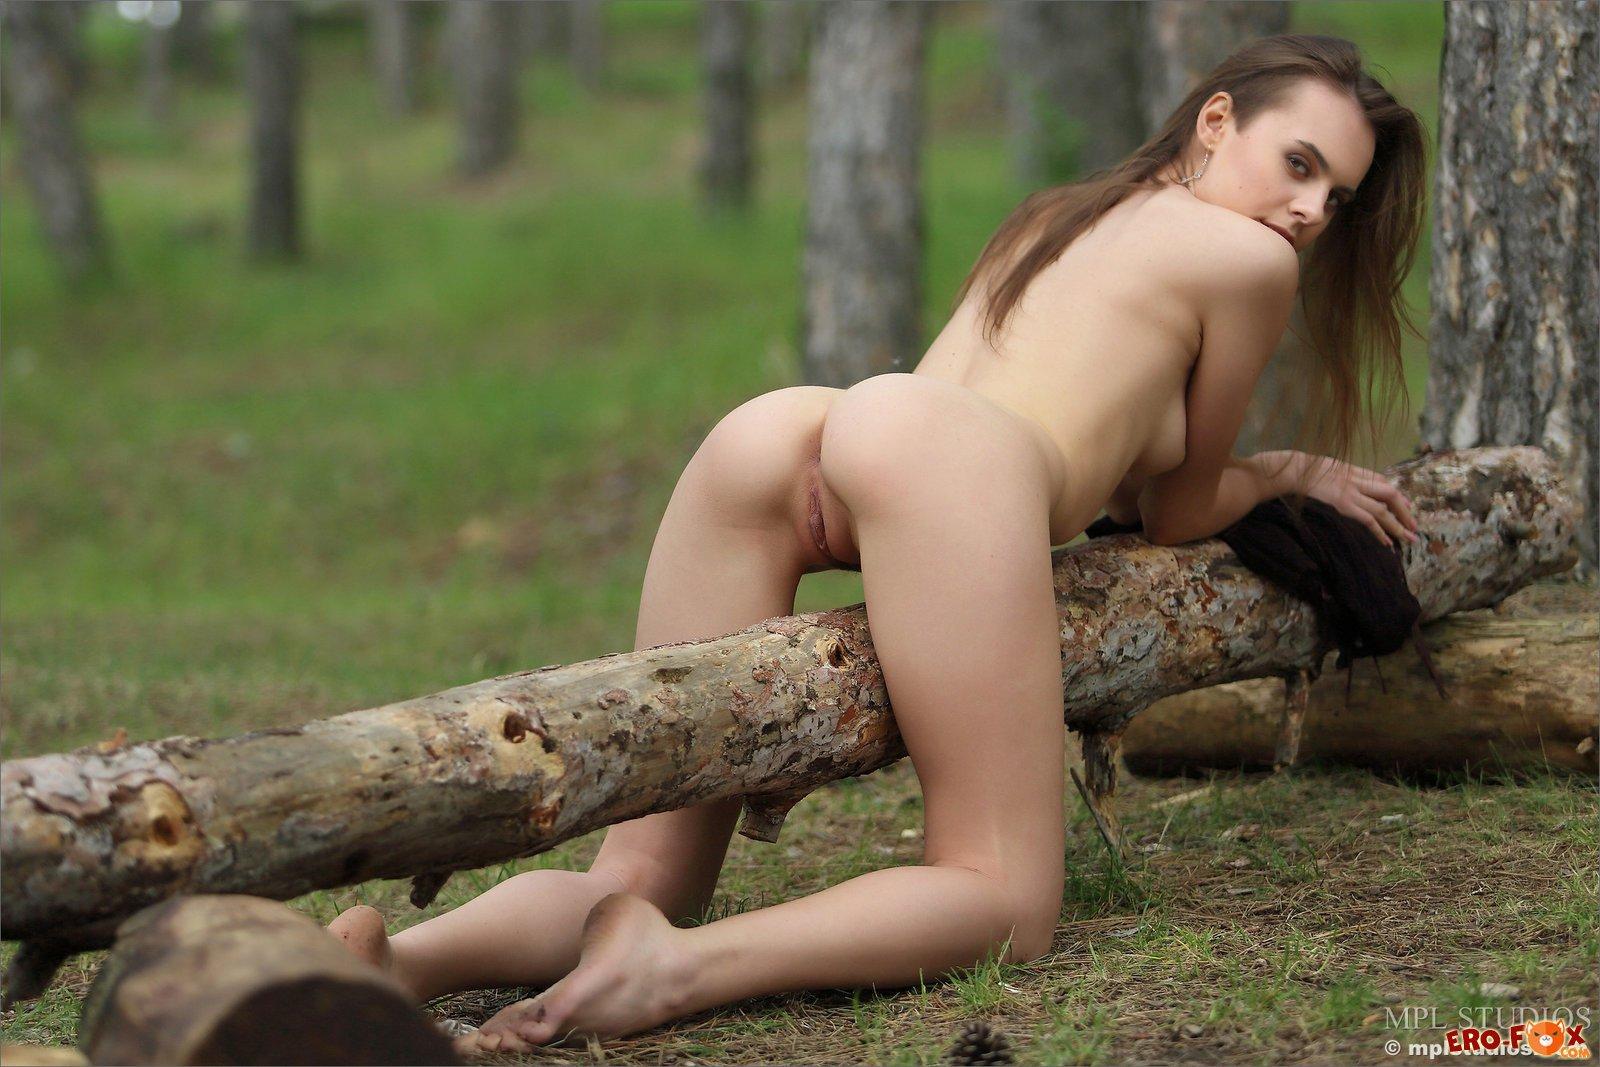 Красивая голая девушка раздевается в лесу